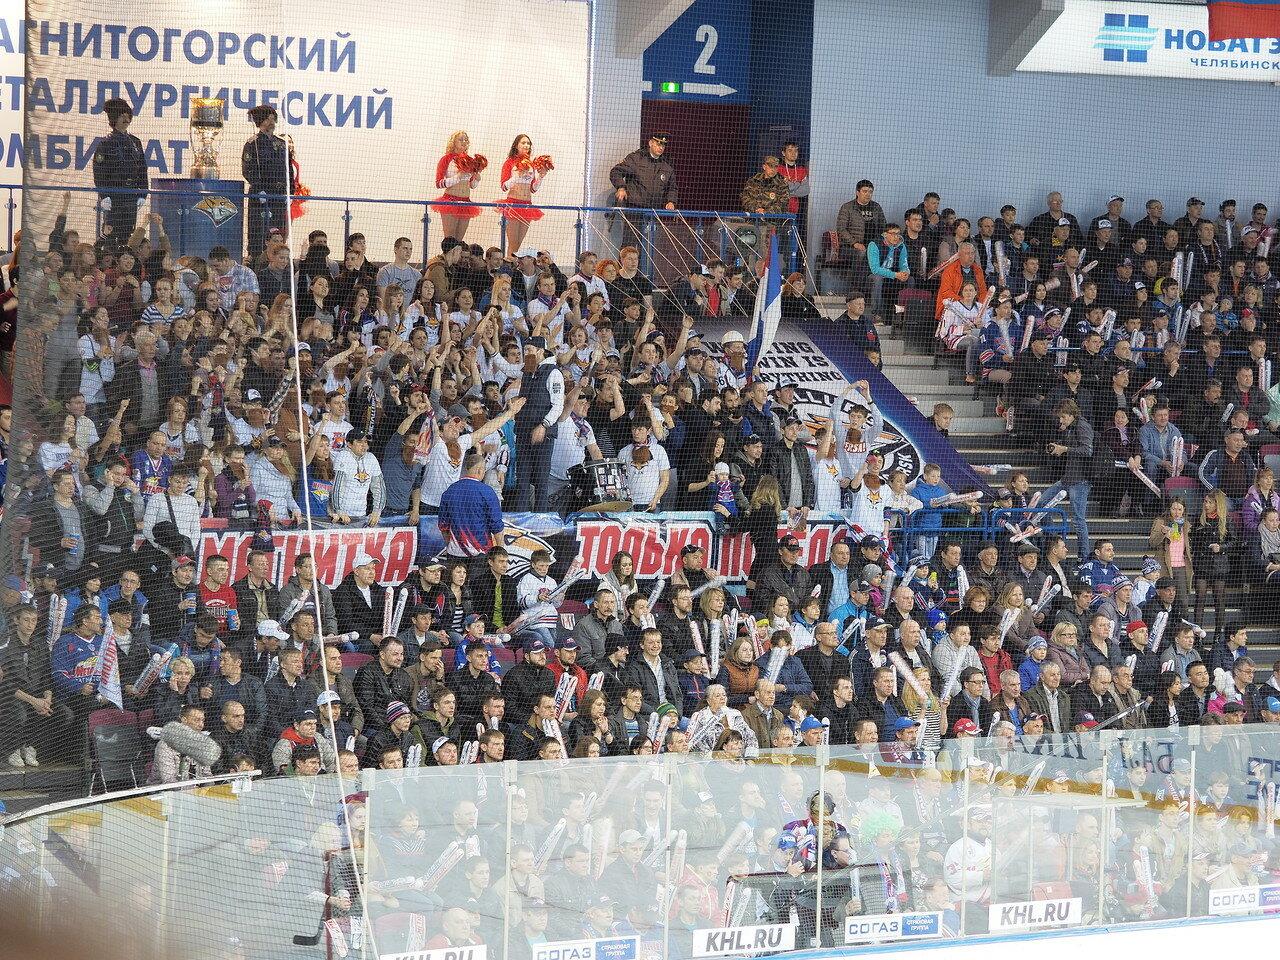 16Плей-офф 2016 Финал Металлург - ЦСКА 11.04.2016